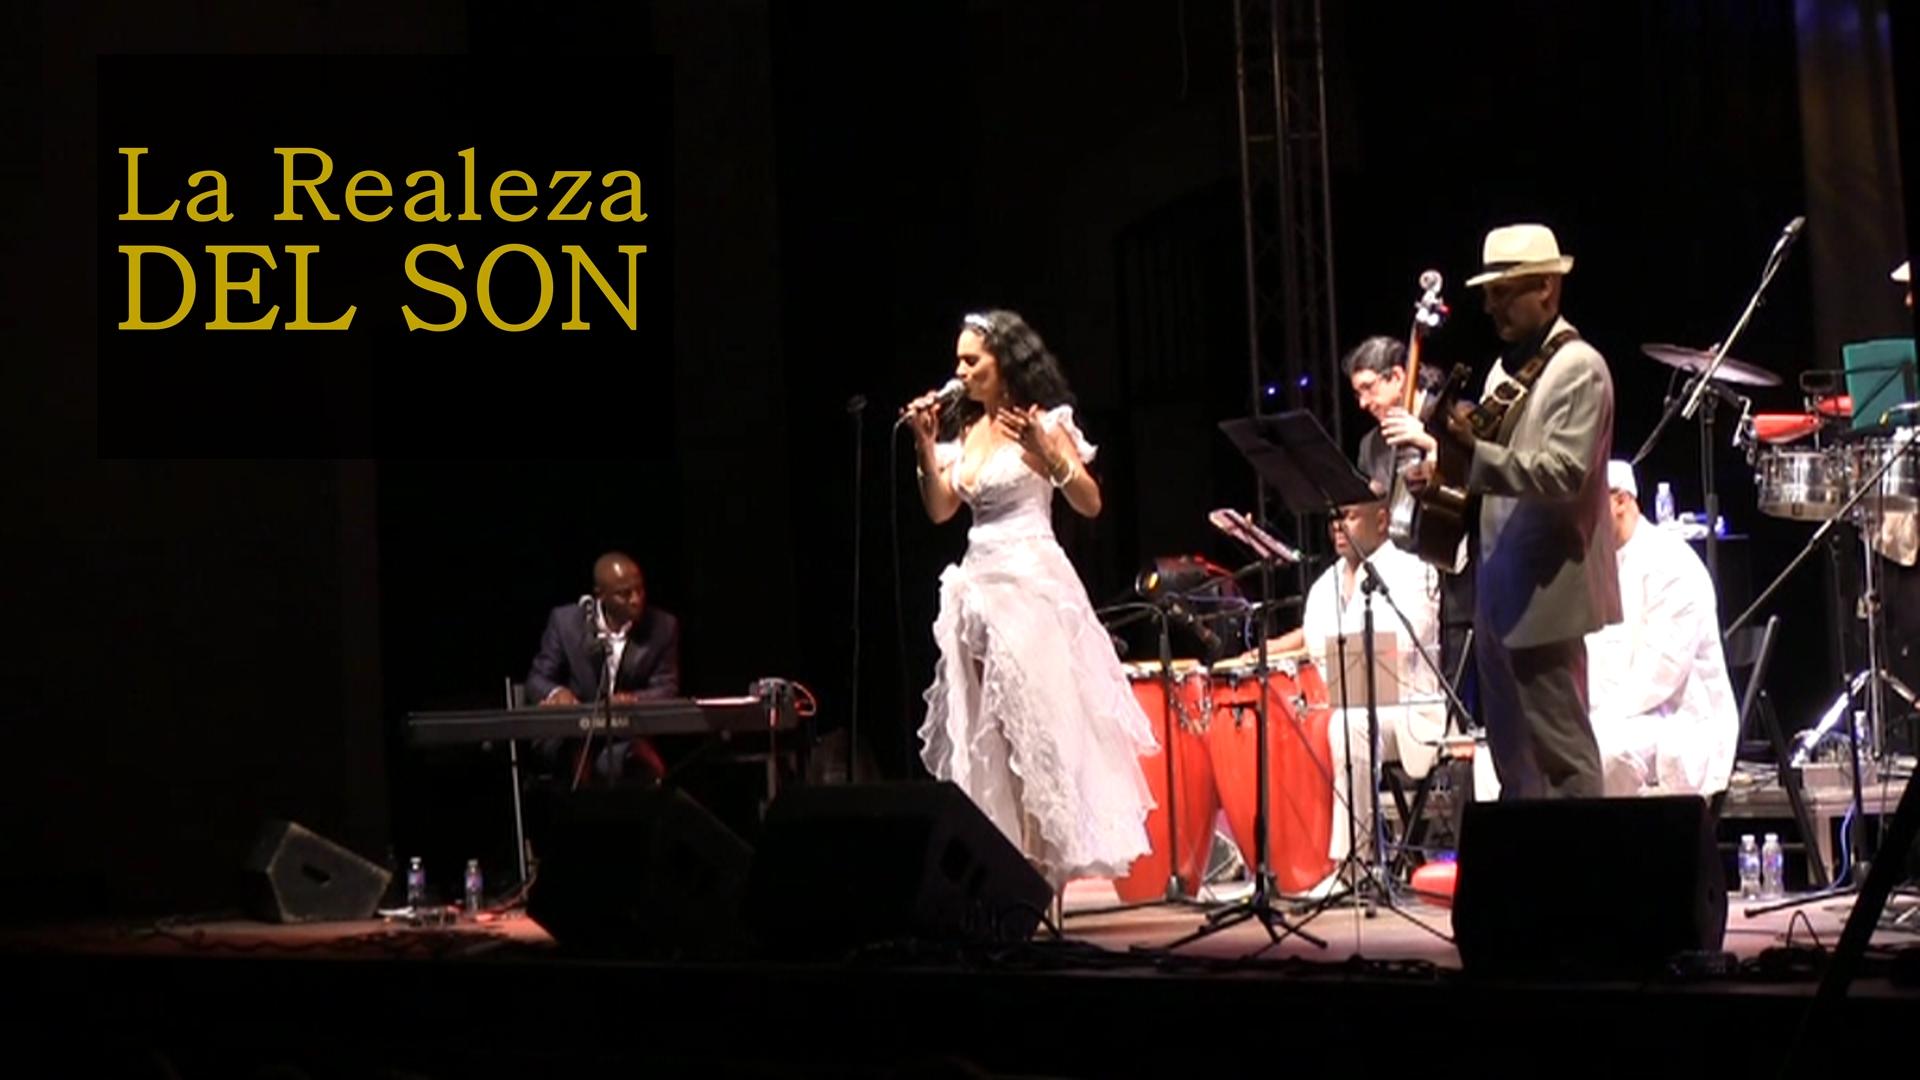 Grabacion de videos para grupos musicales en Valencia